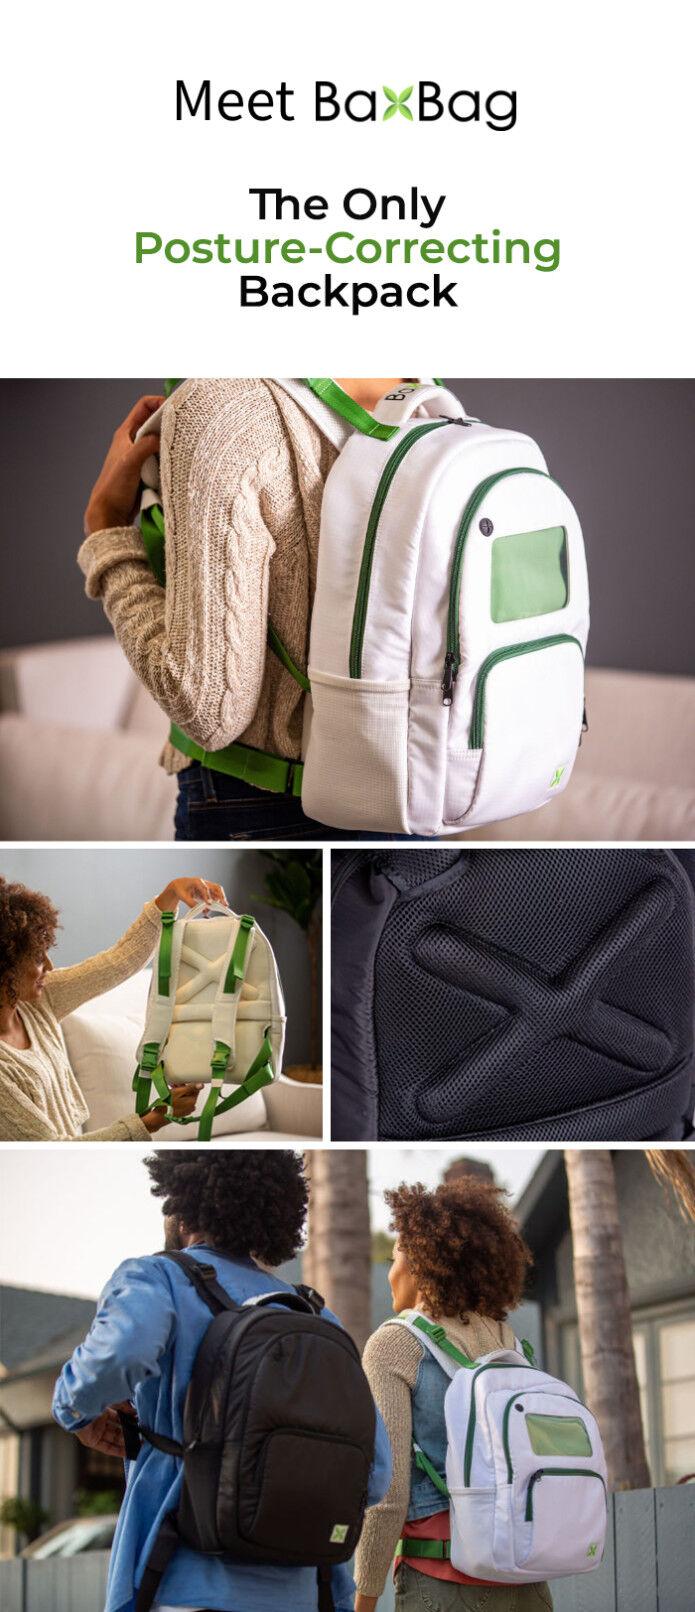 Vegan Posture-Correcting Backpacks